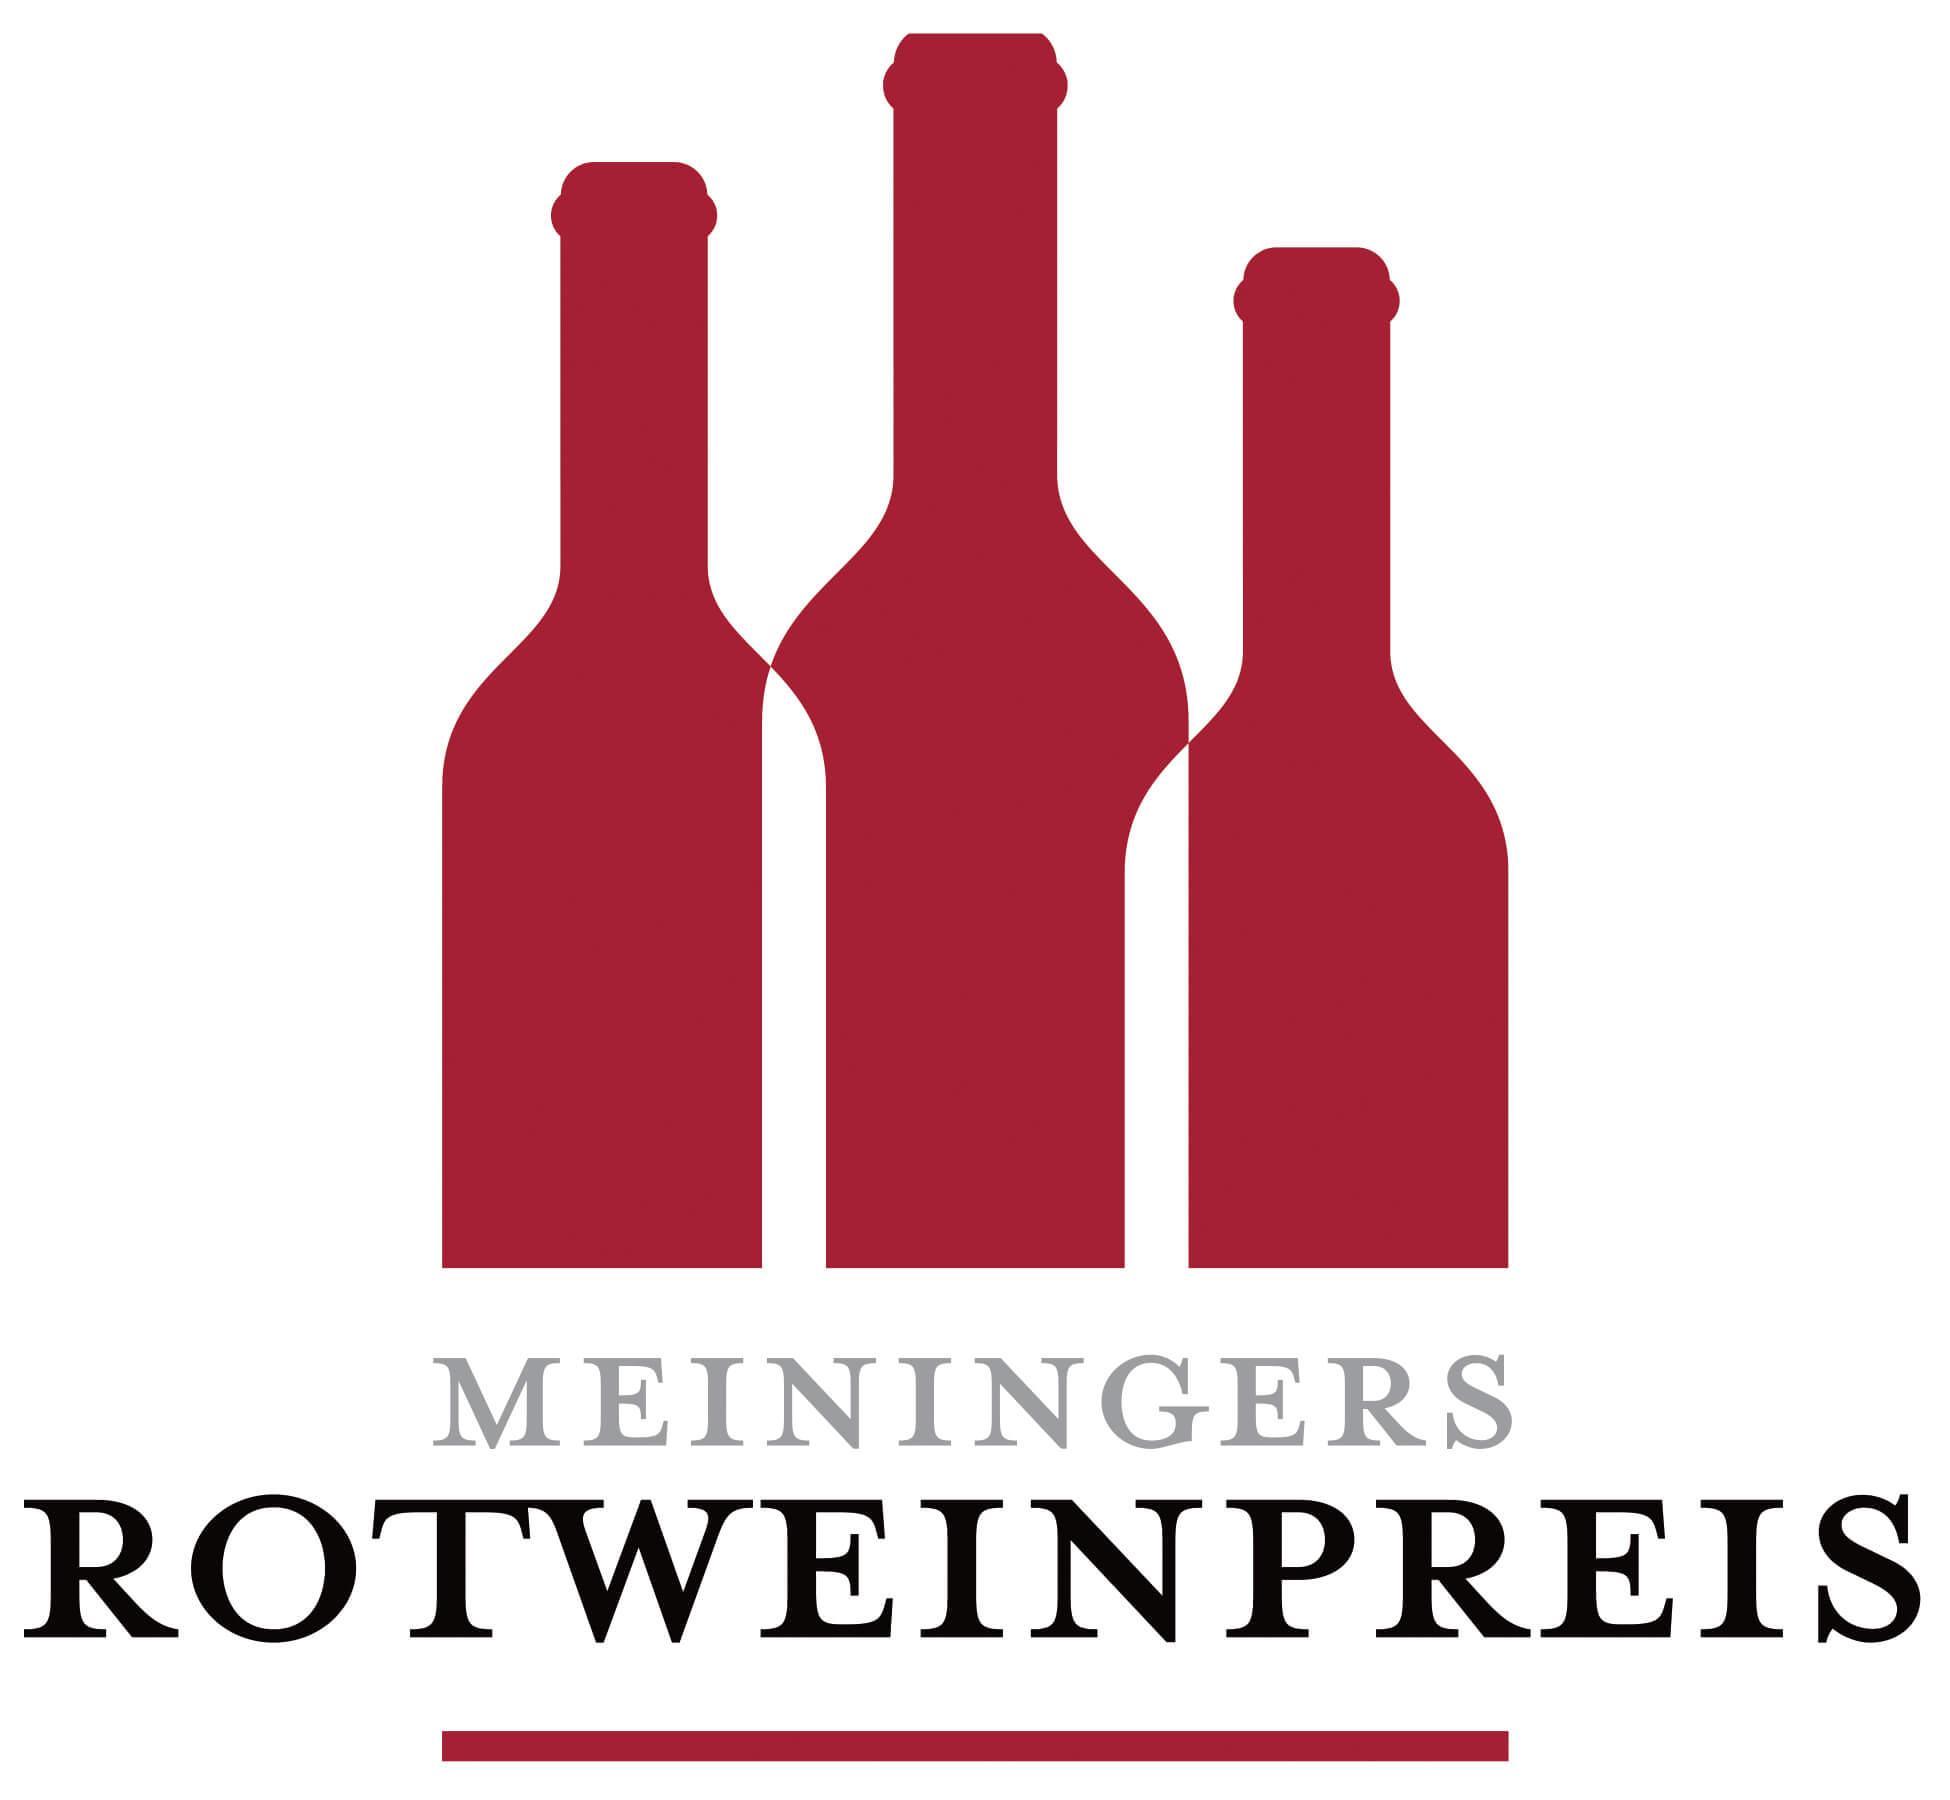 mein_rotweinpreis_lo_rz_be_rgb